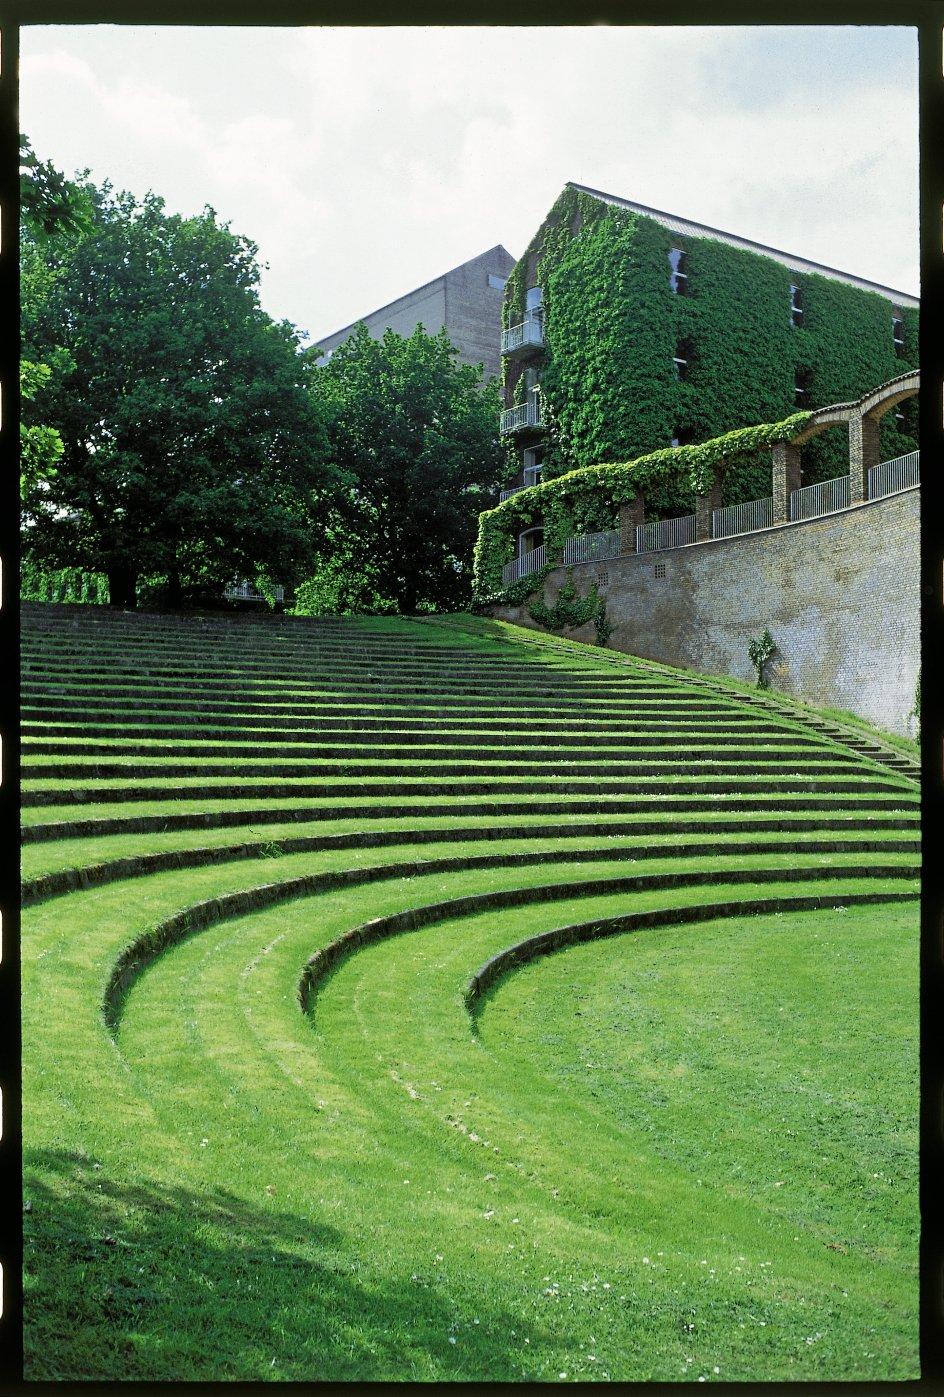 """En af nyere tids helt store, danske landskabsarkitekter er C.Th. Sørensen, der udformede så vidt forskellige former for haveanlæg, at det er umuligt at tillægge ham en særlig stil, hedder det i bind 3 af """"Danmarks havekunst"""". Her er et udsnit af parken omkring Aarhus Universitet."""